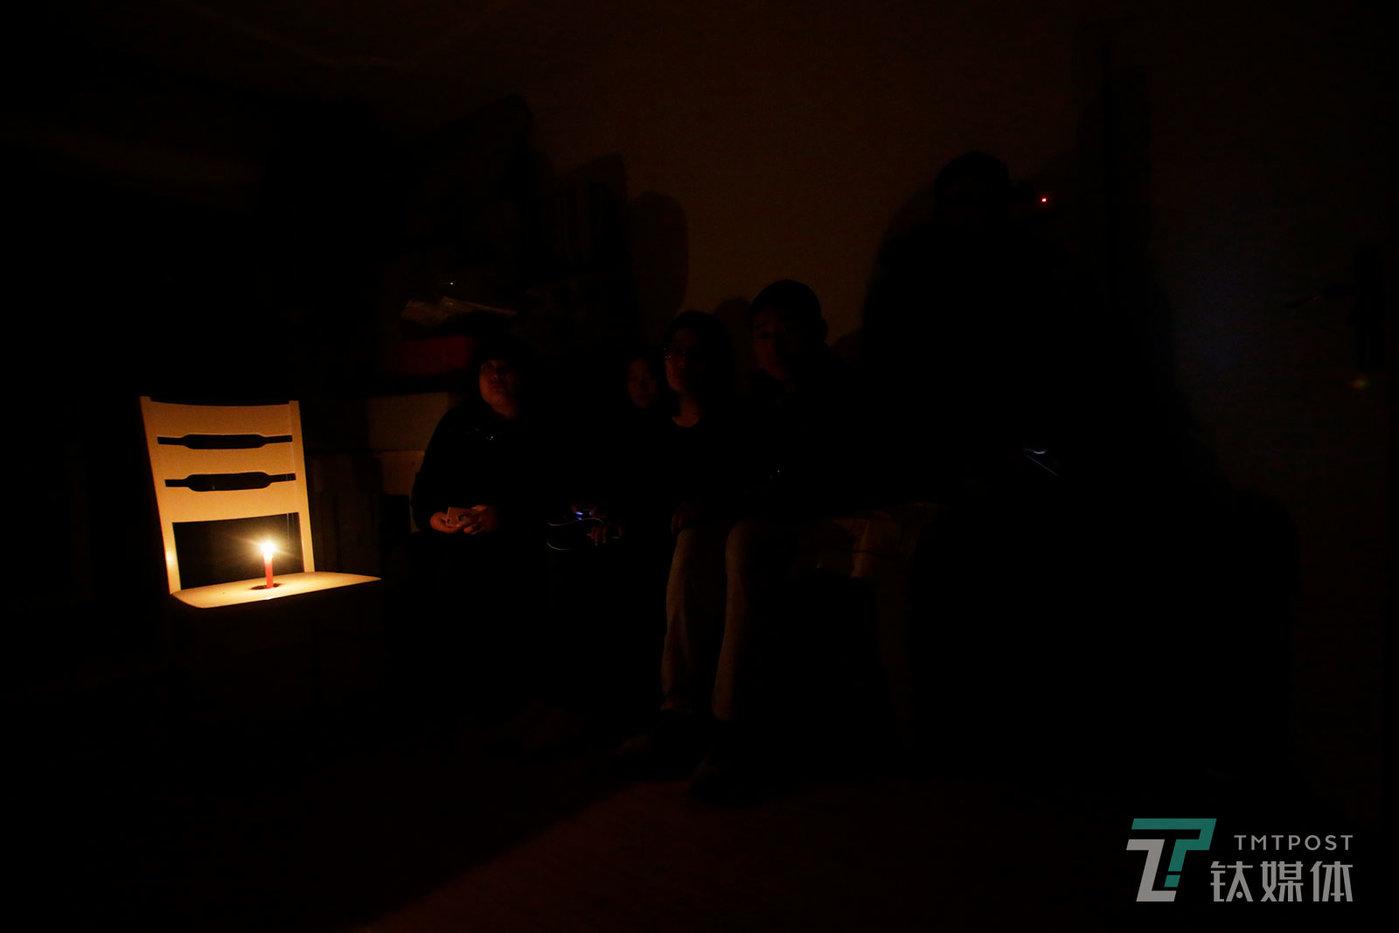 【租客】11月19日,北京通州,昊园恒业运营的一处出租房内,房东切断水电驱赶租客,租客点起蜡烛照明。长租公寓爆仓,一度令上海、北京等地大量租户陷入租金贷。